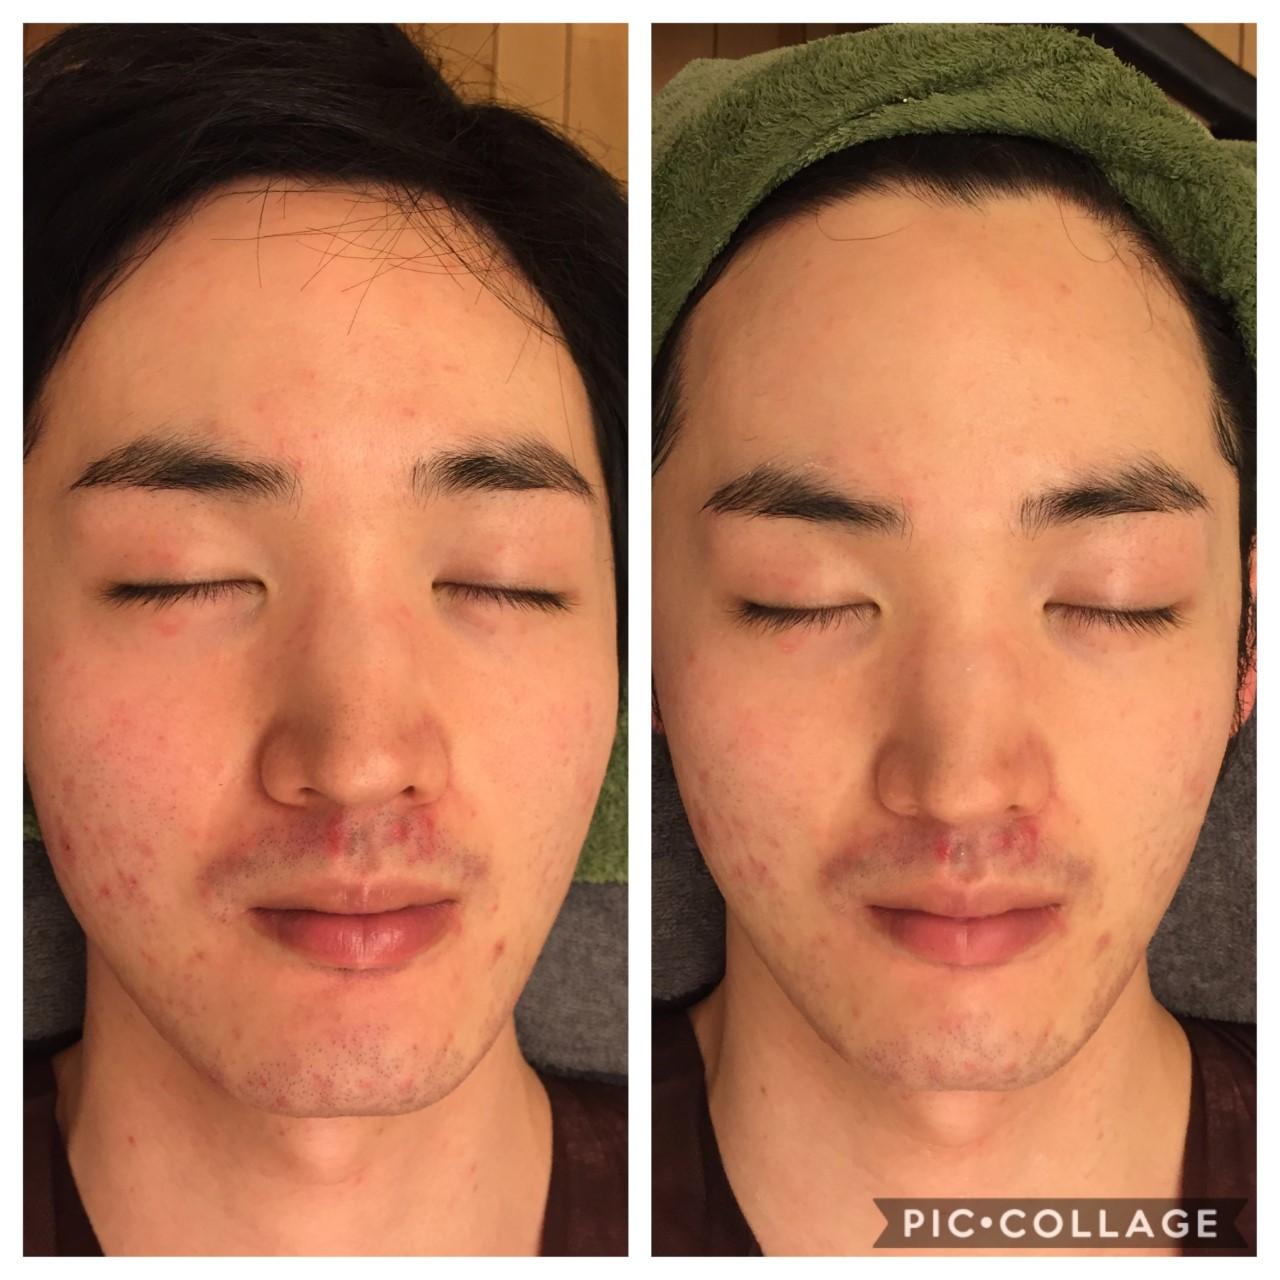 本気のメンズ美容フェイシャルサロンをお探しなら、東京 三軒茶屋からだのことならへ|男性の乾燥肌・ニキビ肌・カミソリ負け・テカリ肌・ザラザラ肌・薄毛の悩みの改善に「ヒト幹細胞と植物幹細胞による」メディカル系フェイシャルエステケア